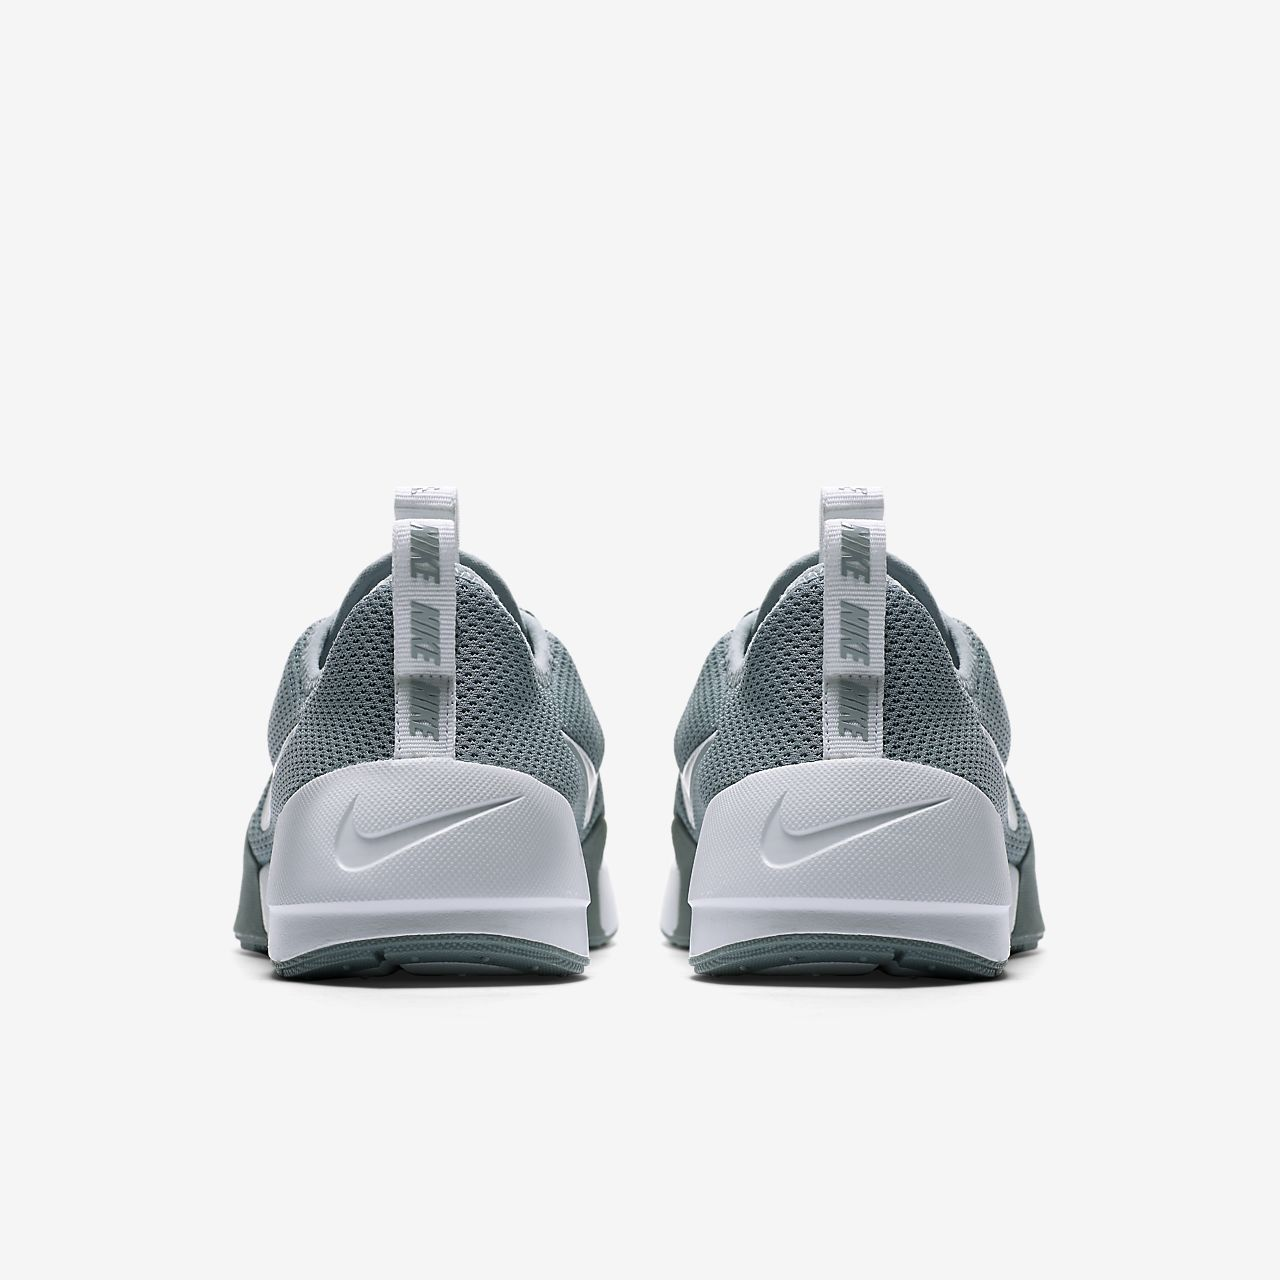 promo code bd57d ba3c8 ... Nike Ashin Modern Run Women s Shoe